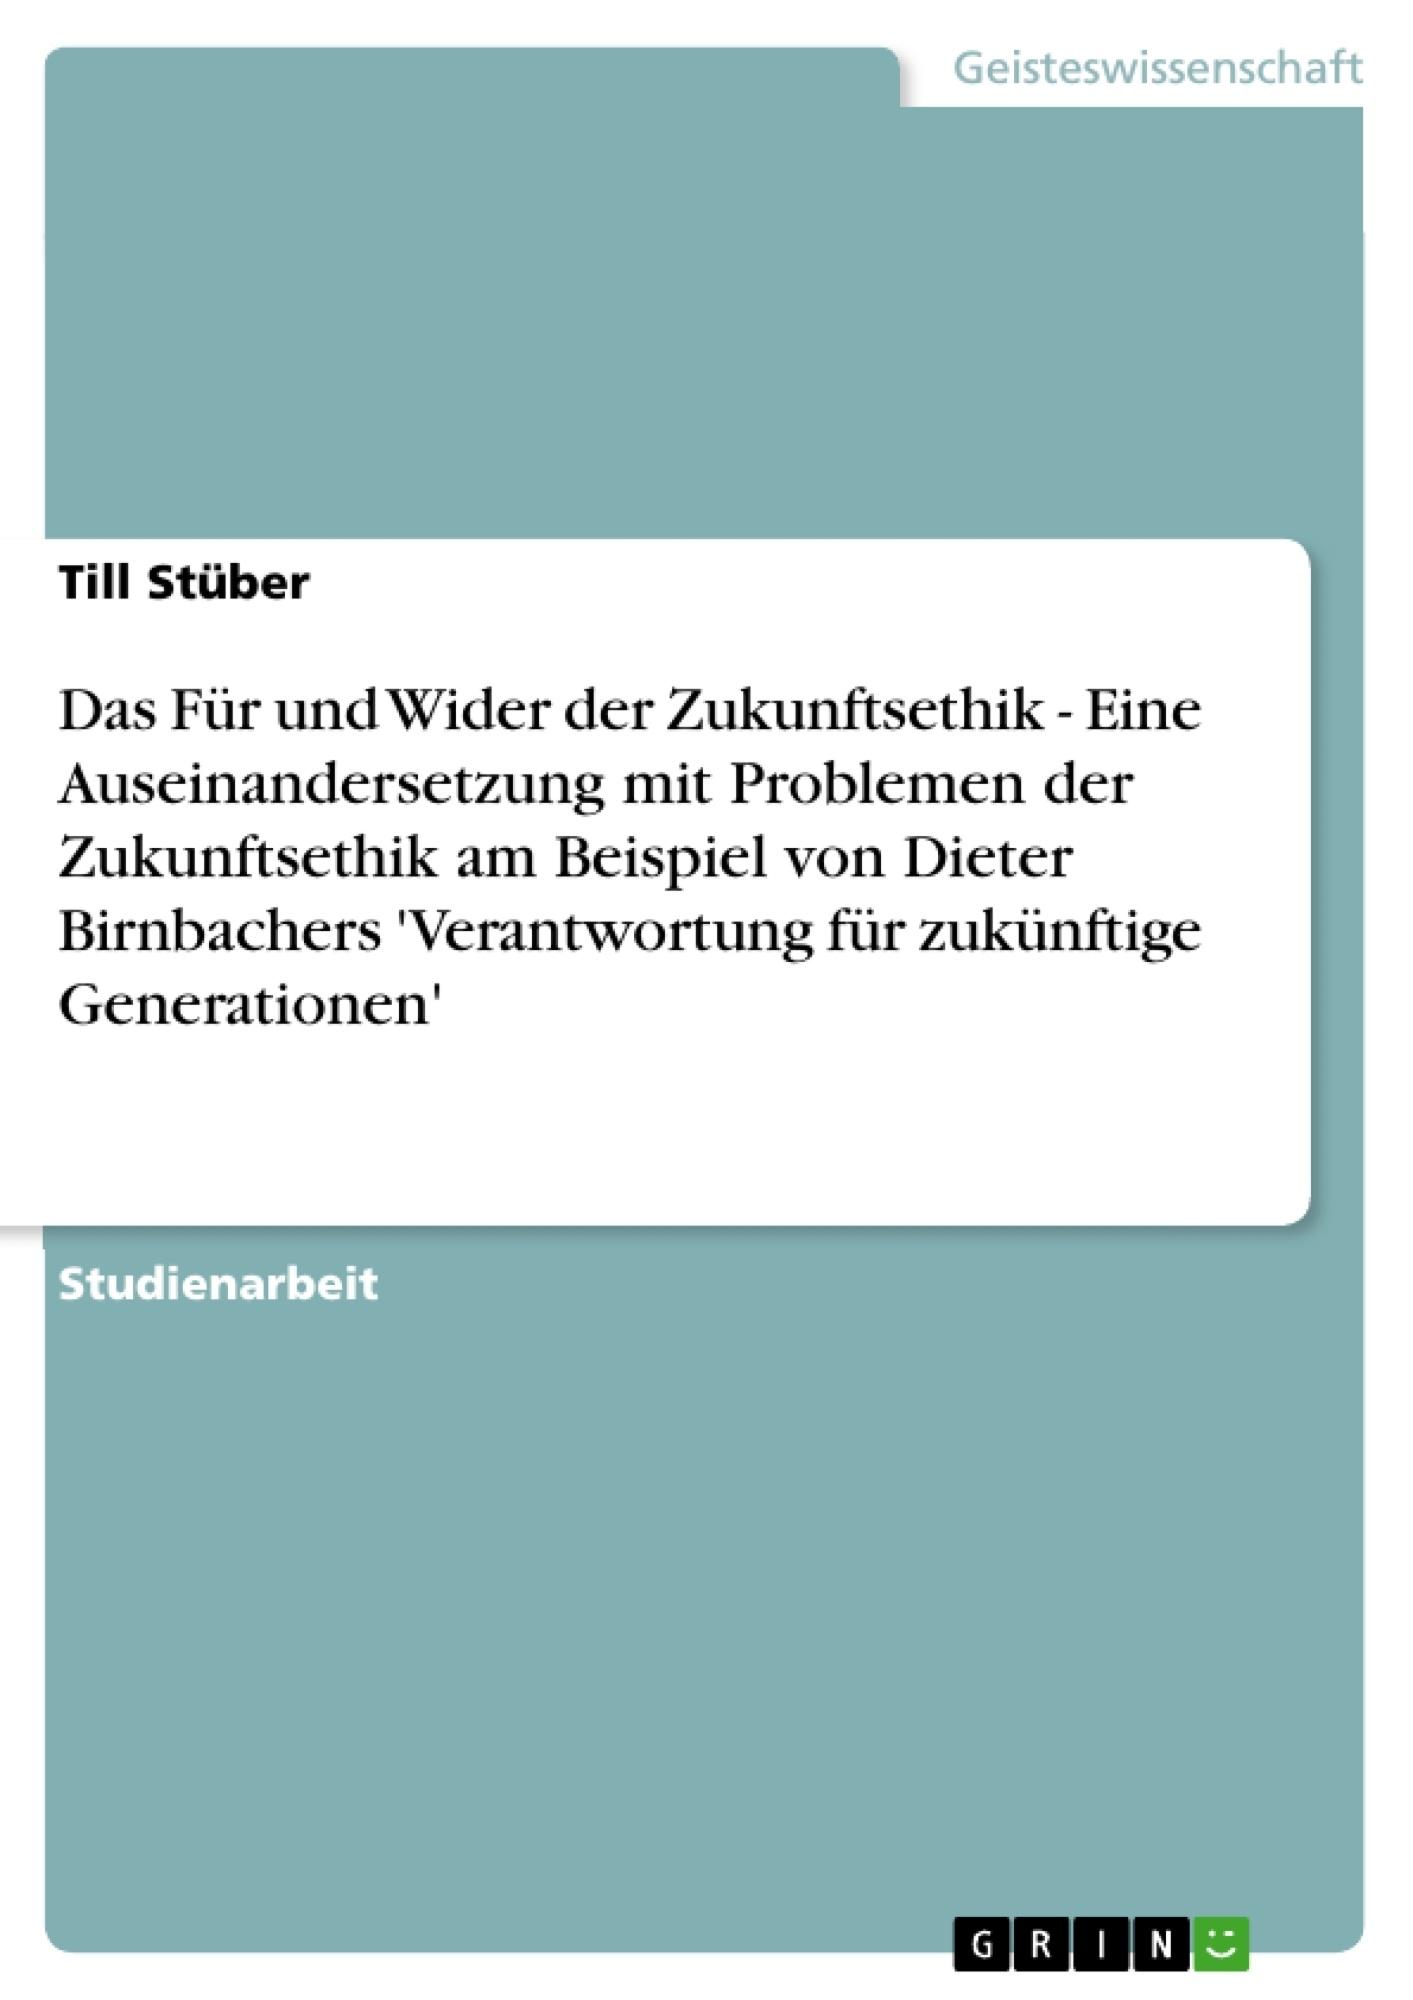 Titel: Das Für und Wider der Zukunftsethik - Eine Auseinandersetzung mit Problemen der Zukunftsethik am Beispiel von Dieter Birnbachers 'Verantwortung für zukünftige Generationen'